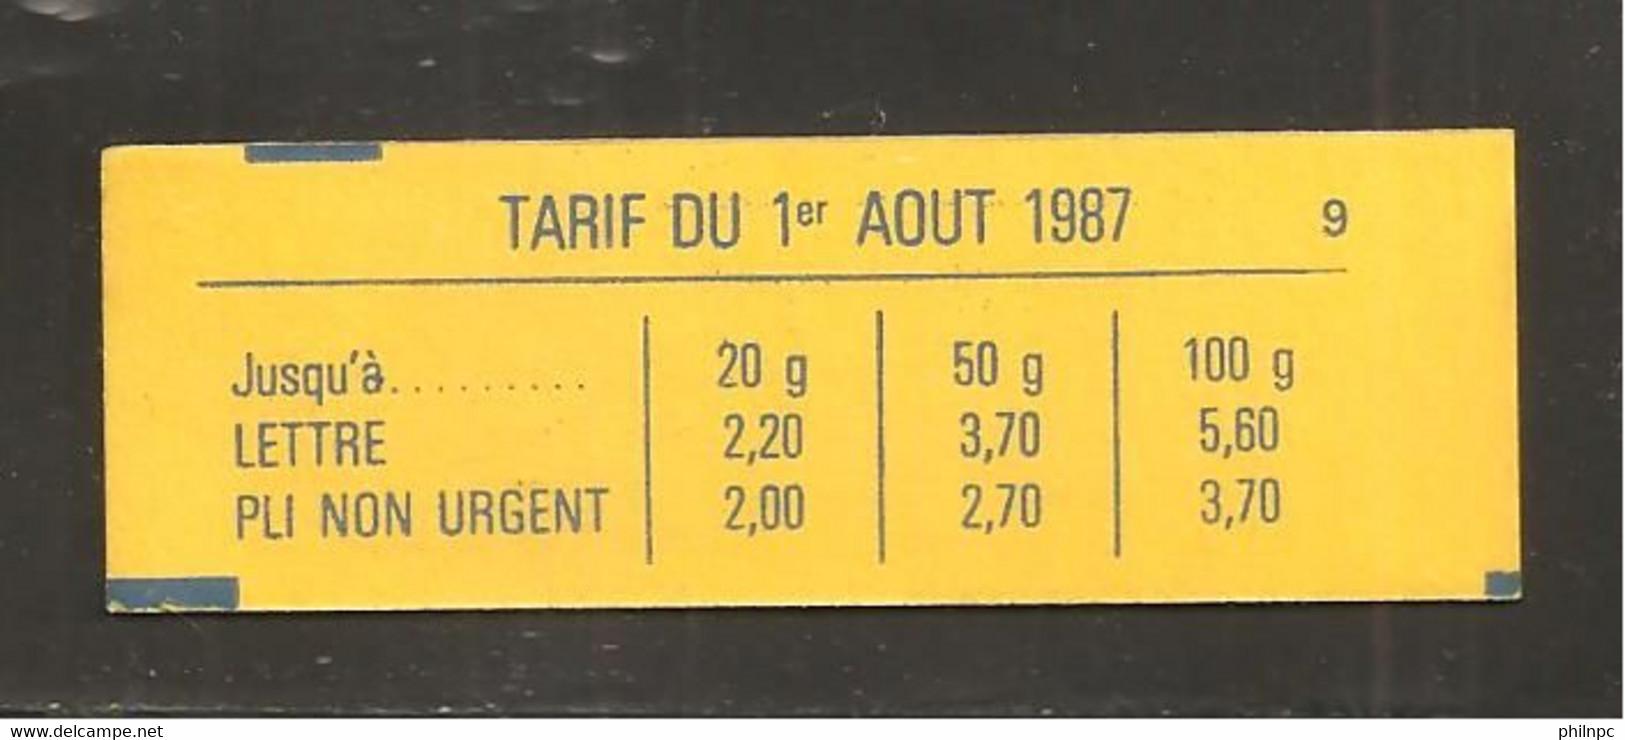 France, 2376-C11, SANS POINT Devant Retrait, Carnet Neuf **, Non Ouvert, TTB, Réservation Gratuite, Carnet Liberté - Definitives